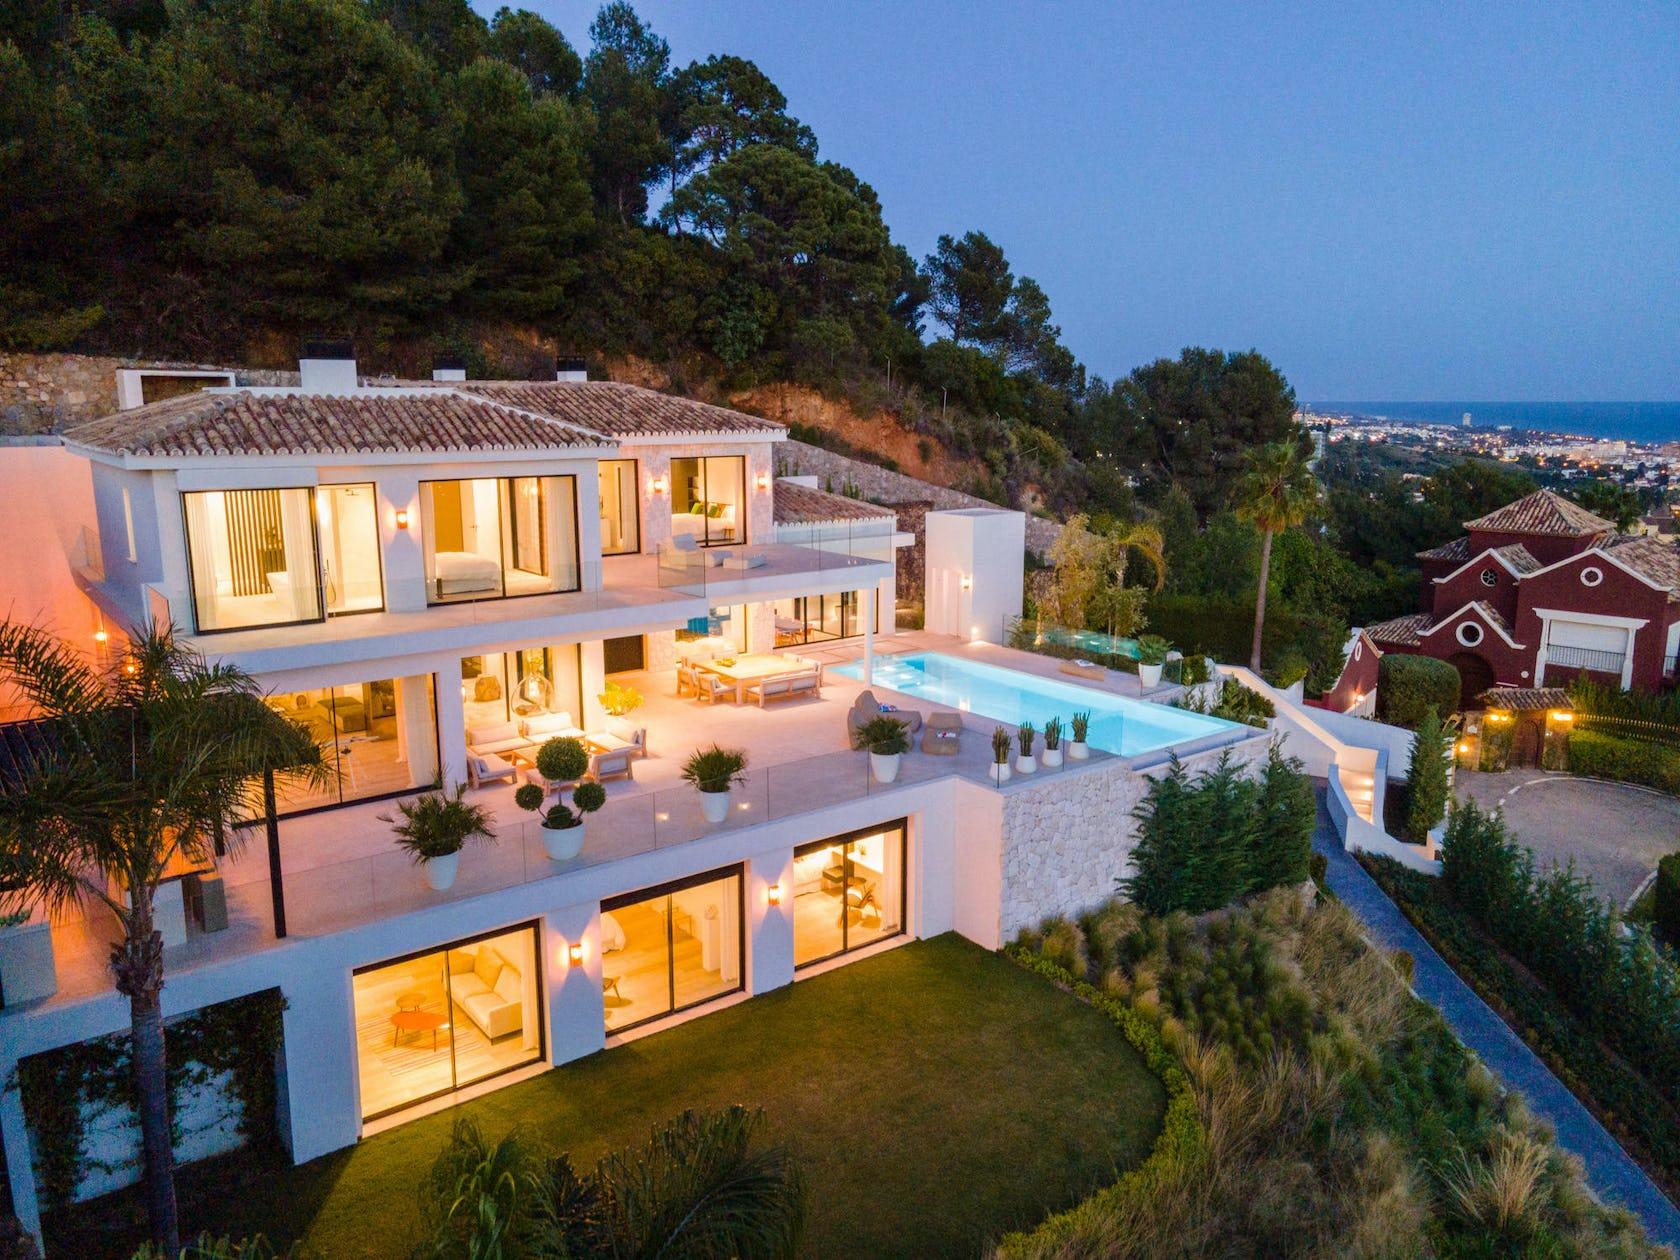 resort building hotel villa house housing